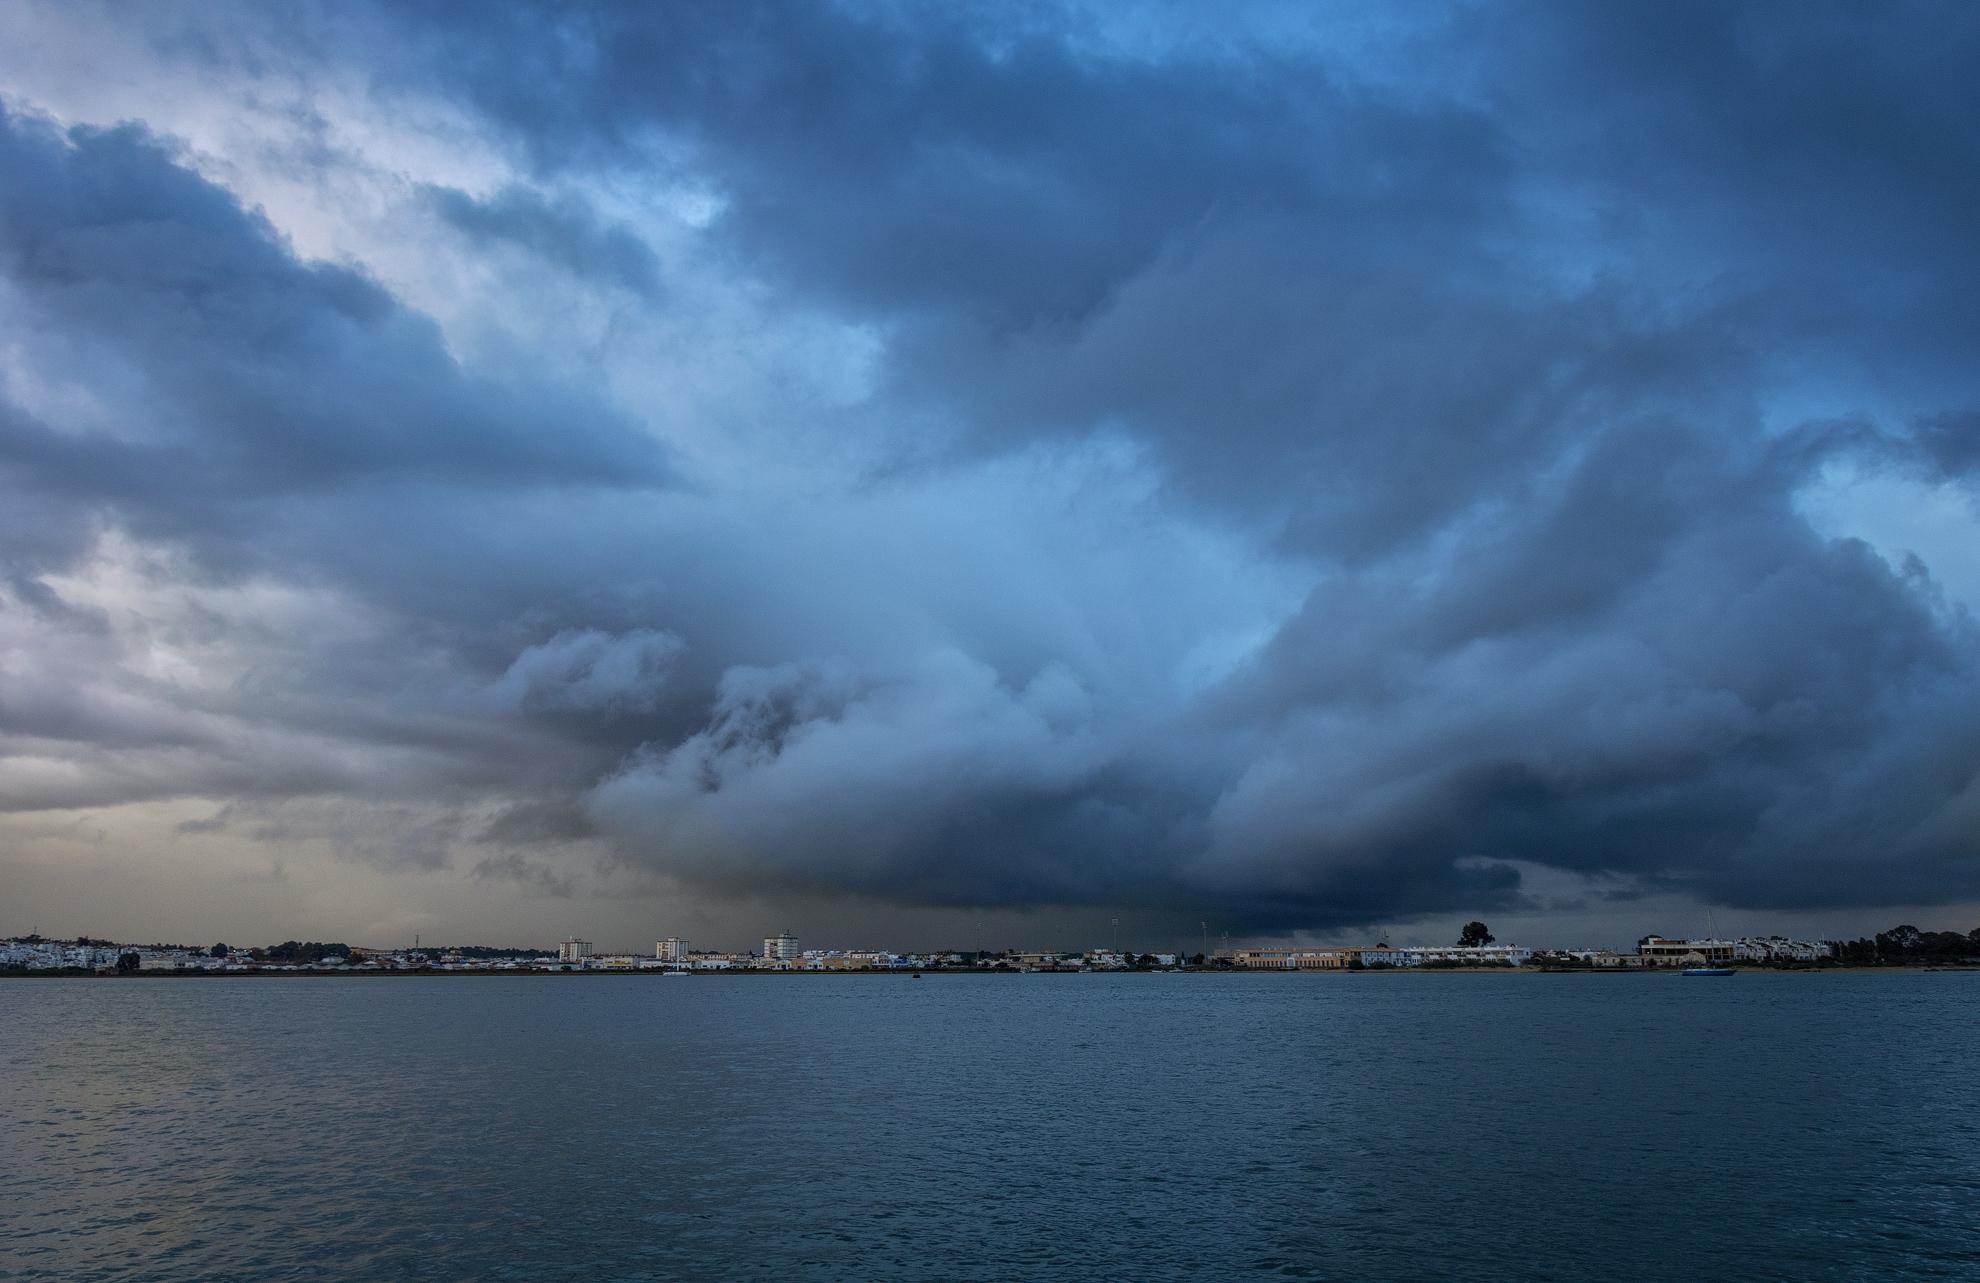 Images Gratuites Météo Ciel Nuage Horizon Mer Cumulus